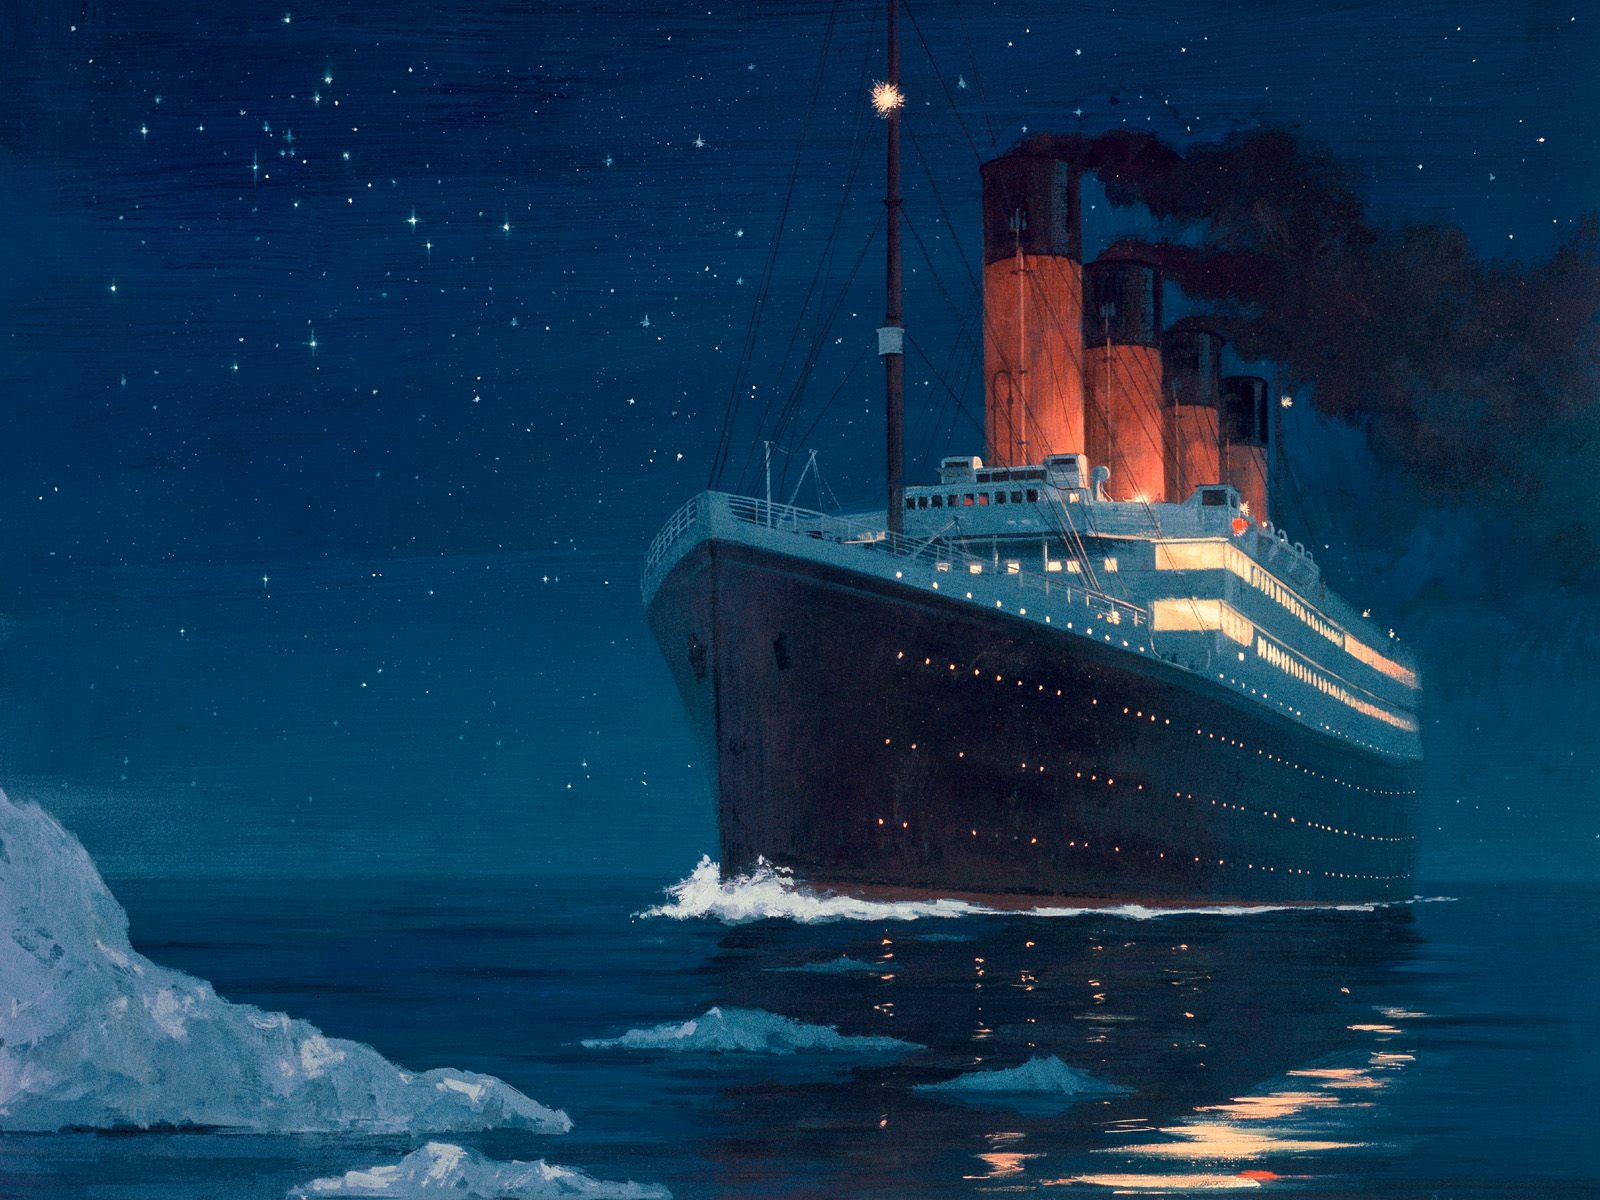 The Titanic Gordon Johnson